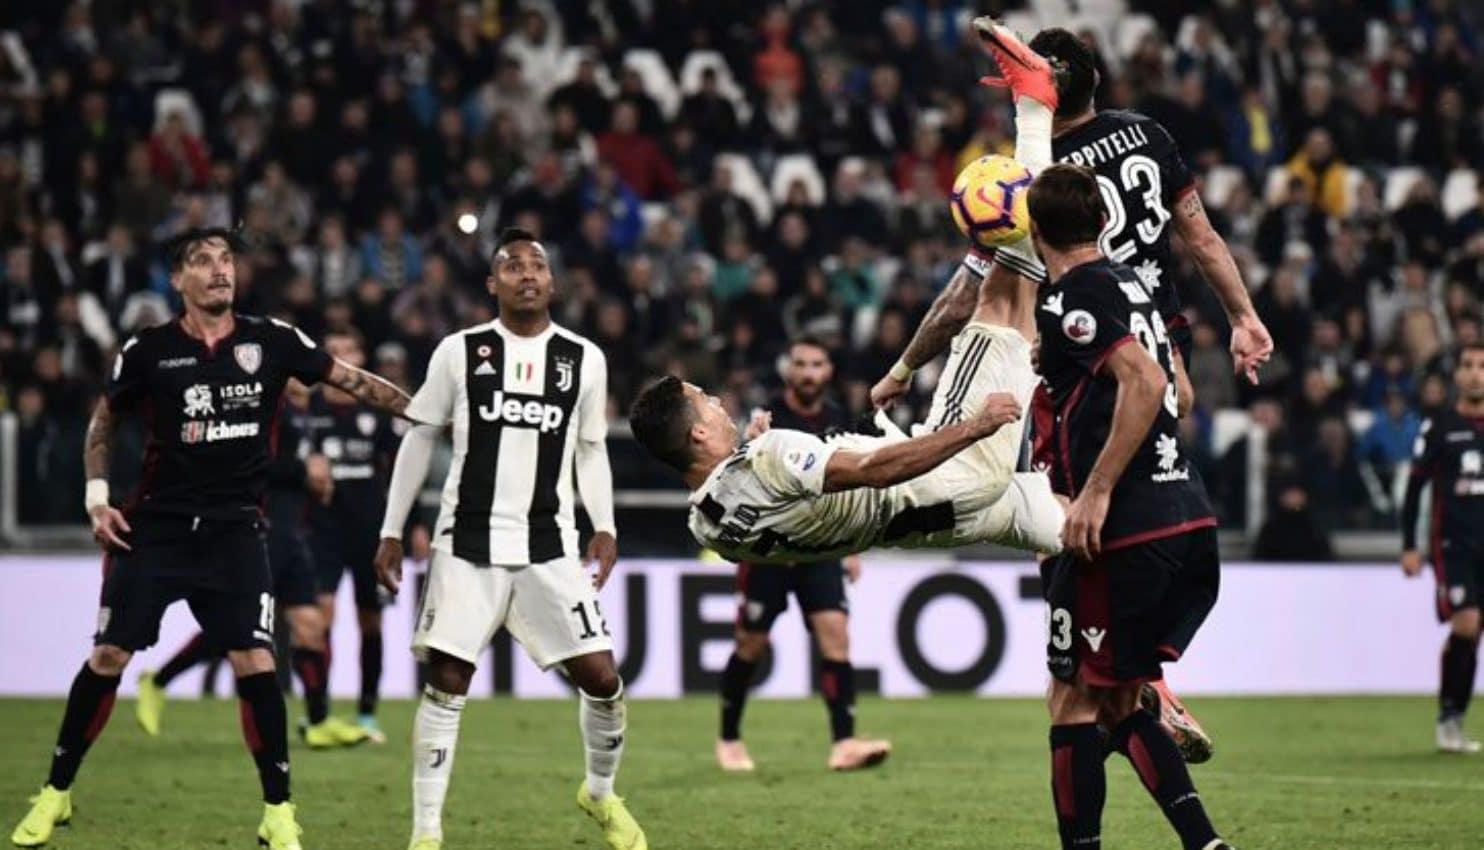 Già contro il Cagliari Cristiano Ronaldo cercò il gol in rovesciata